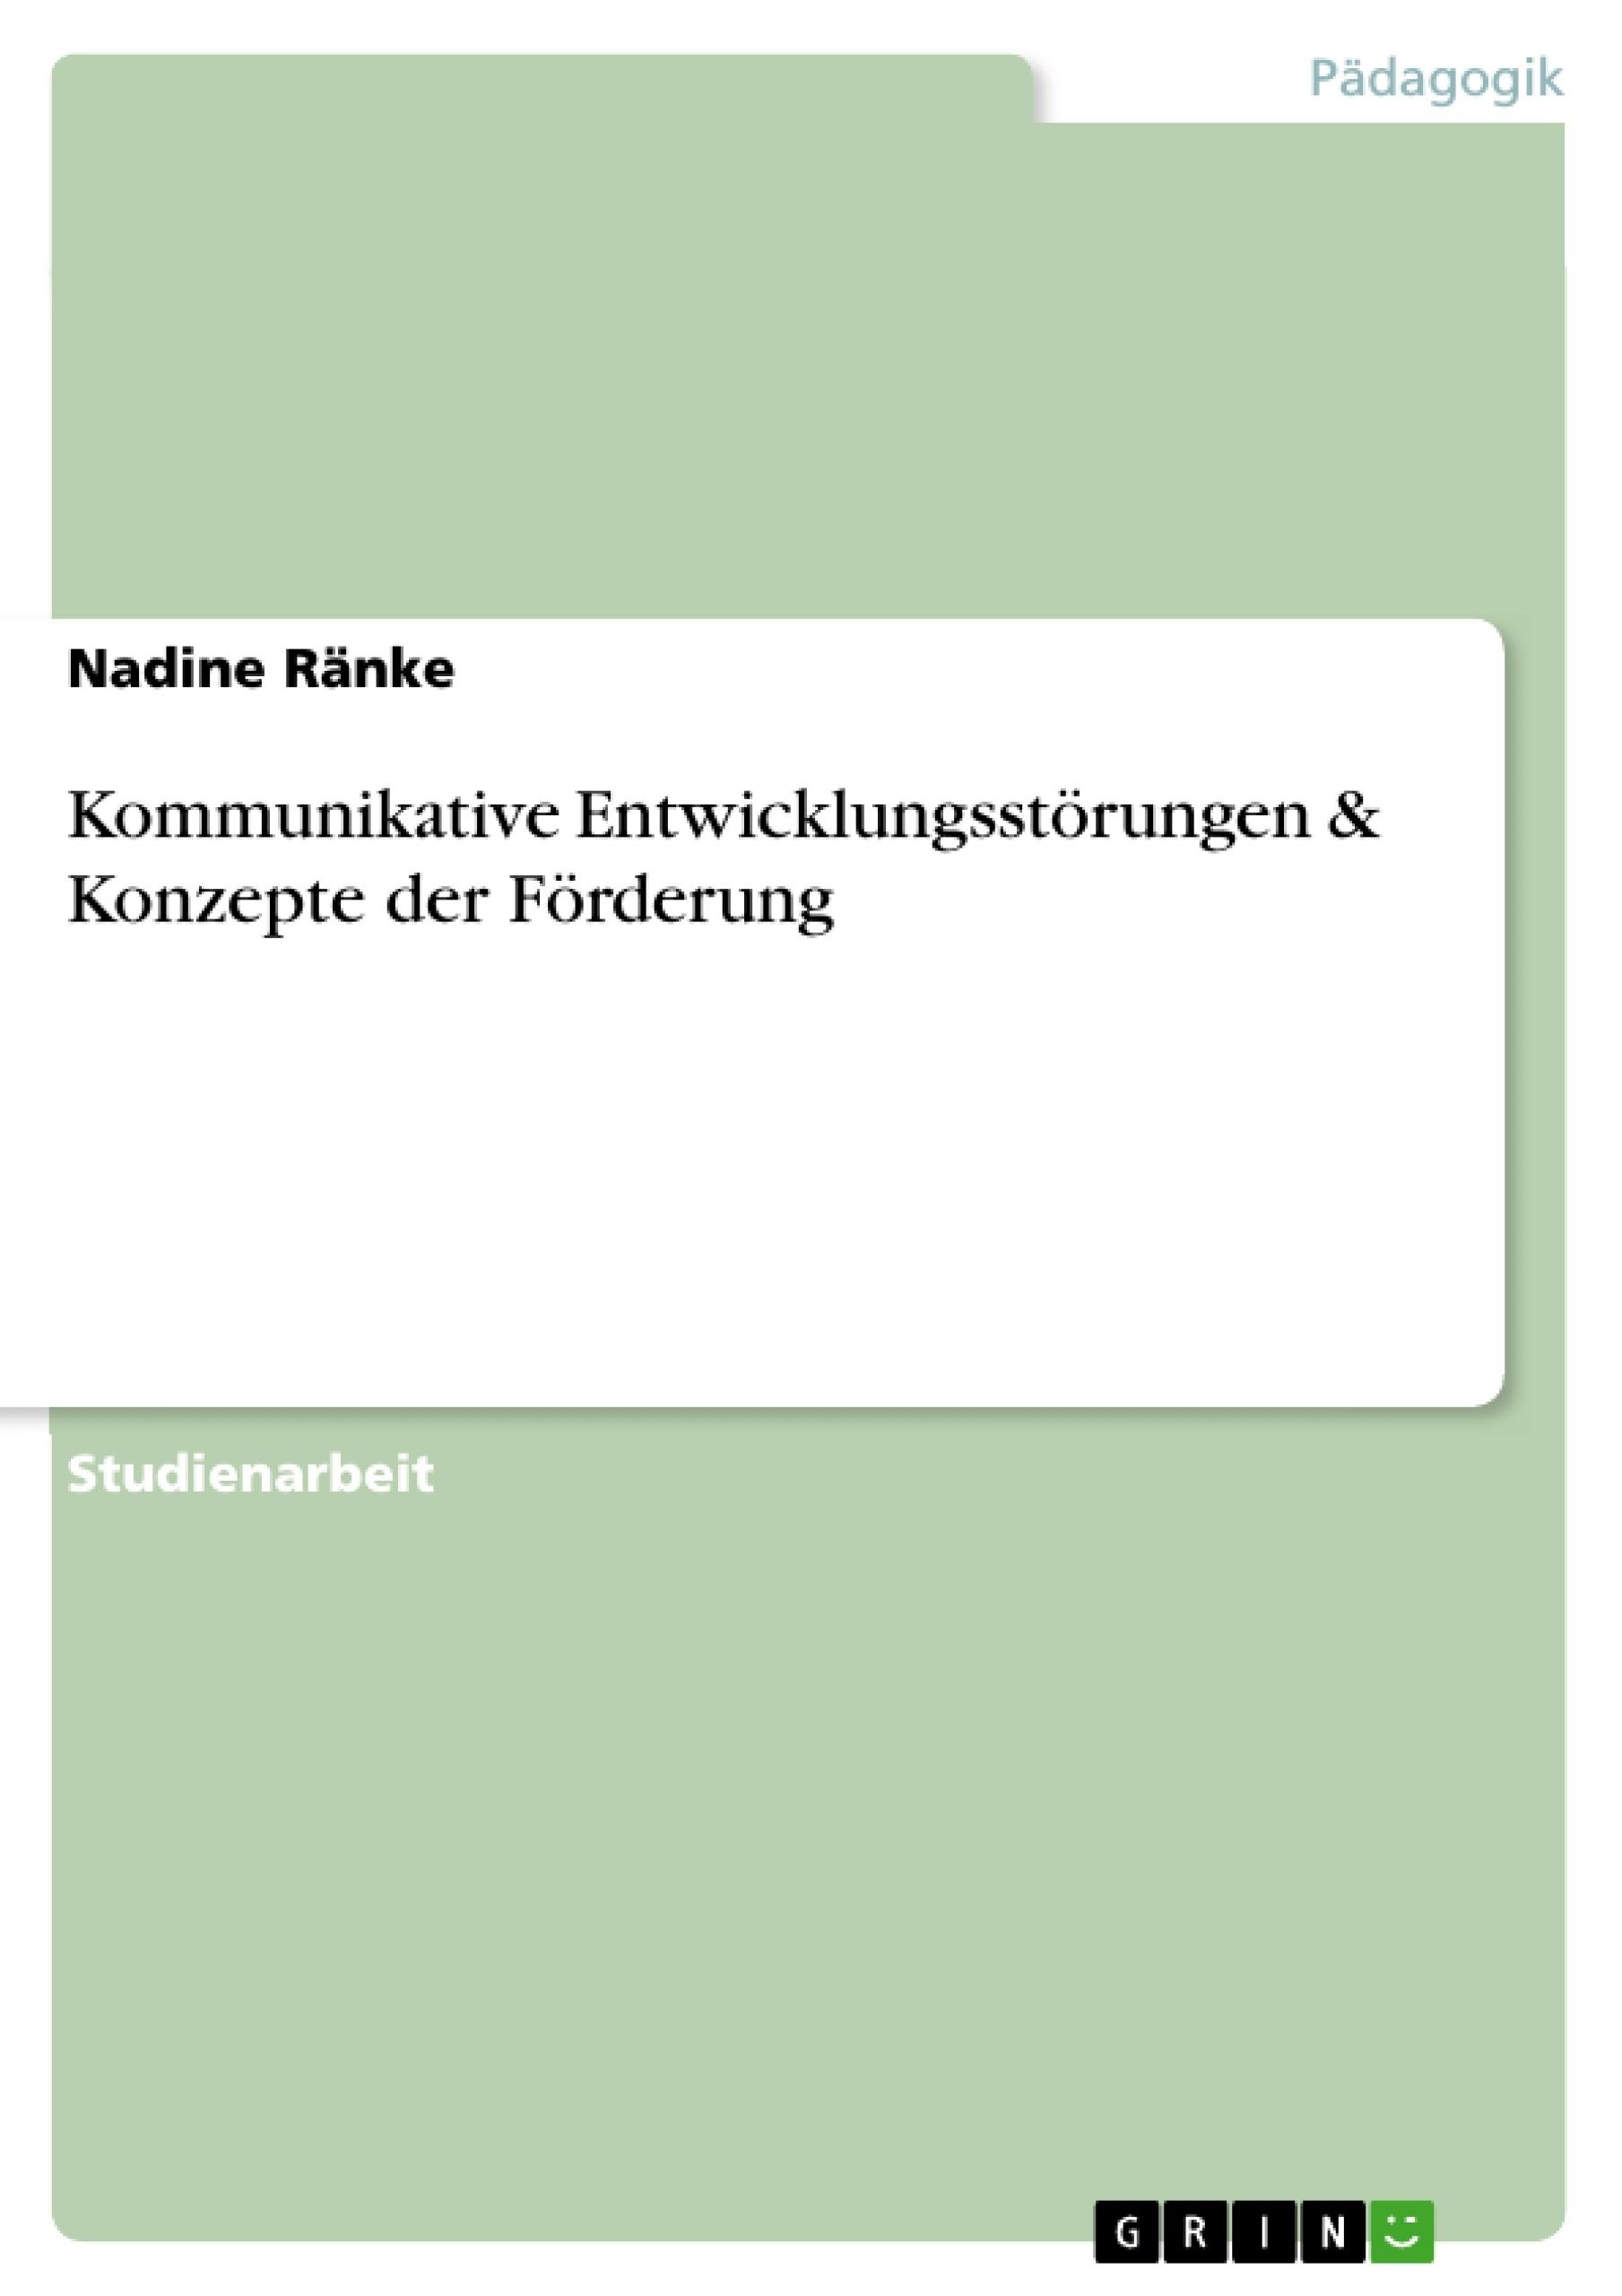 Titel: Kommunikative Entwicklungsstörungen & Konzepte der Förderung